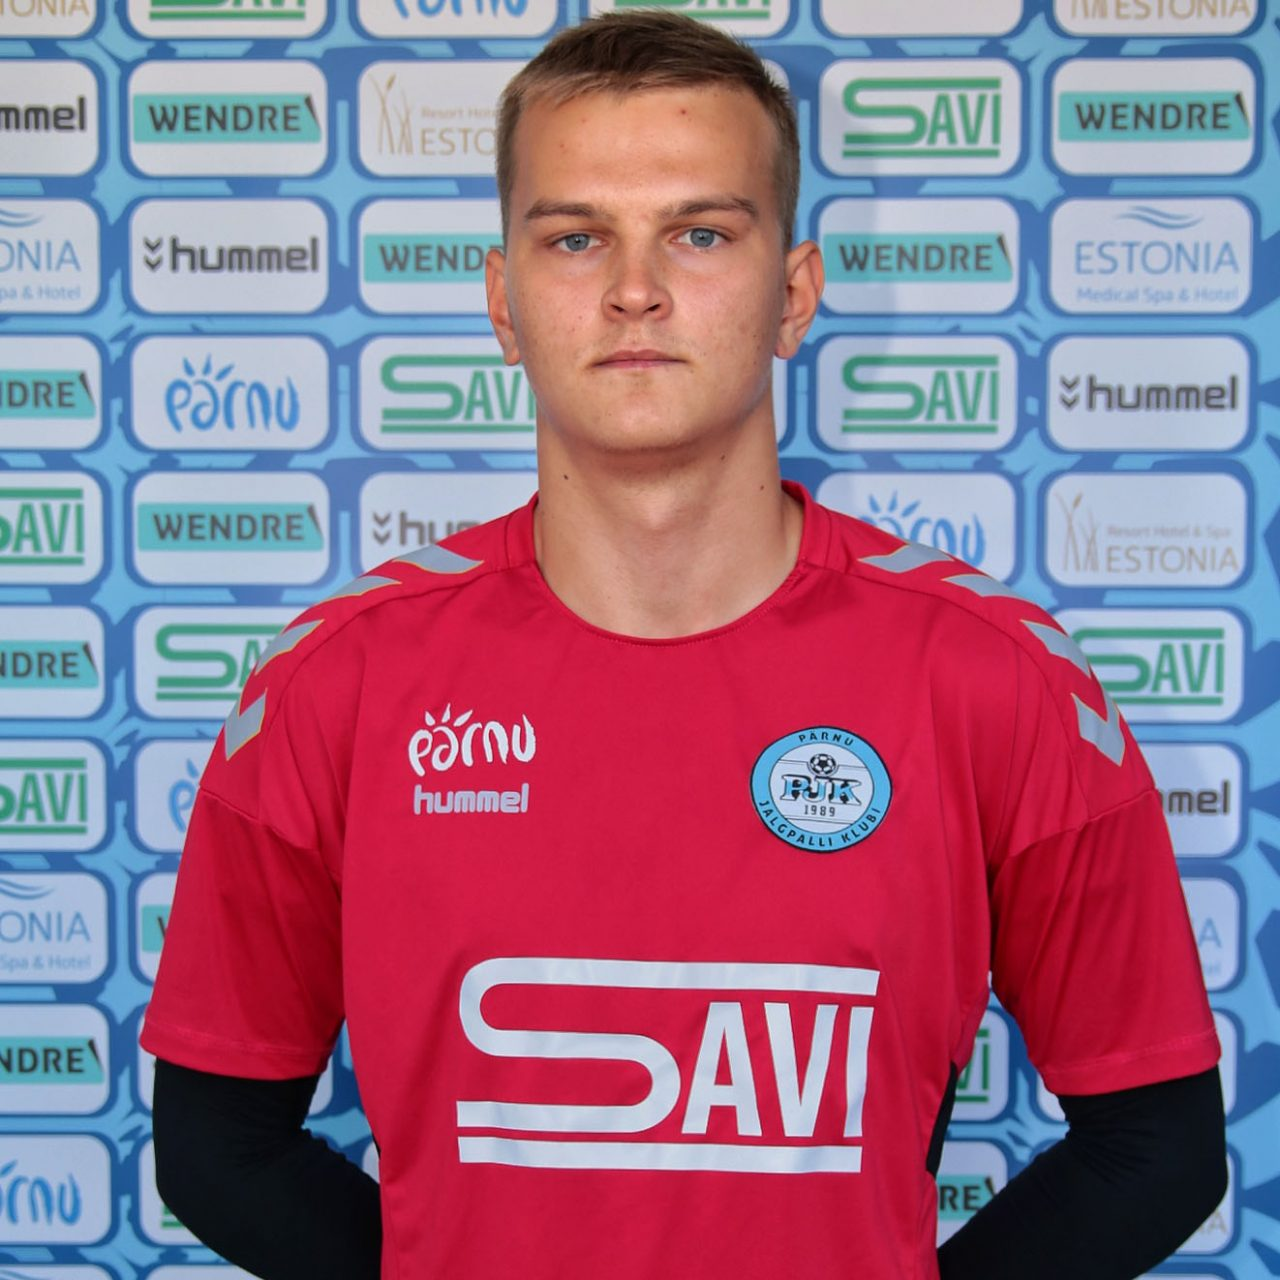 Johannes Gevlja